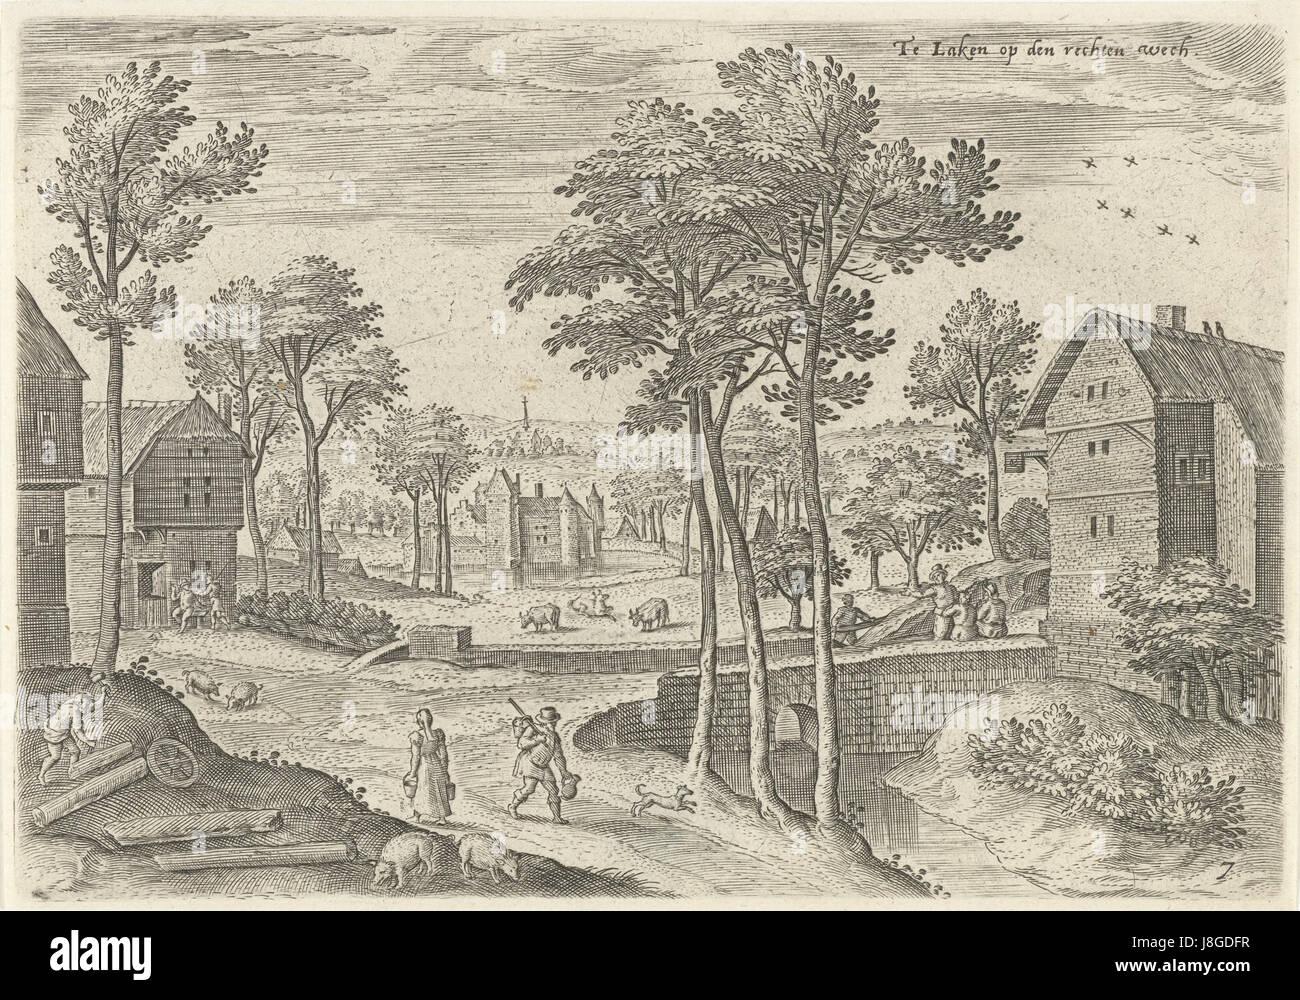 Gezicht op de hoofdstraat van Laken, Hans Collaert (I), naar Hans Bol, Jacob Grimmer, 1530   1580 - Stock Image